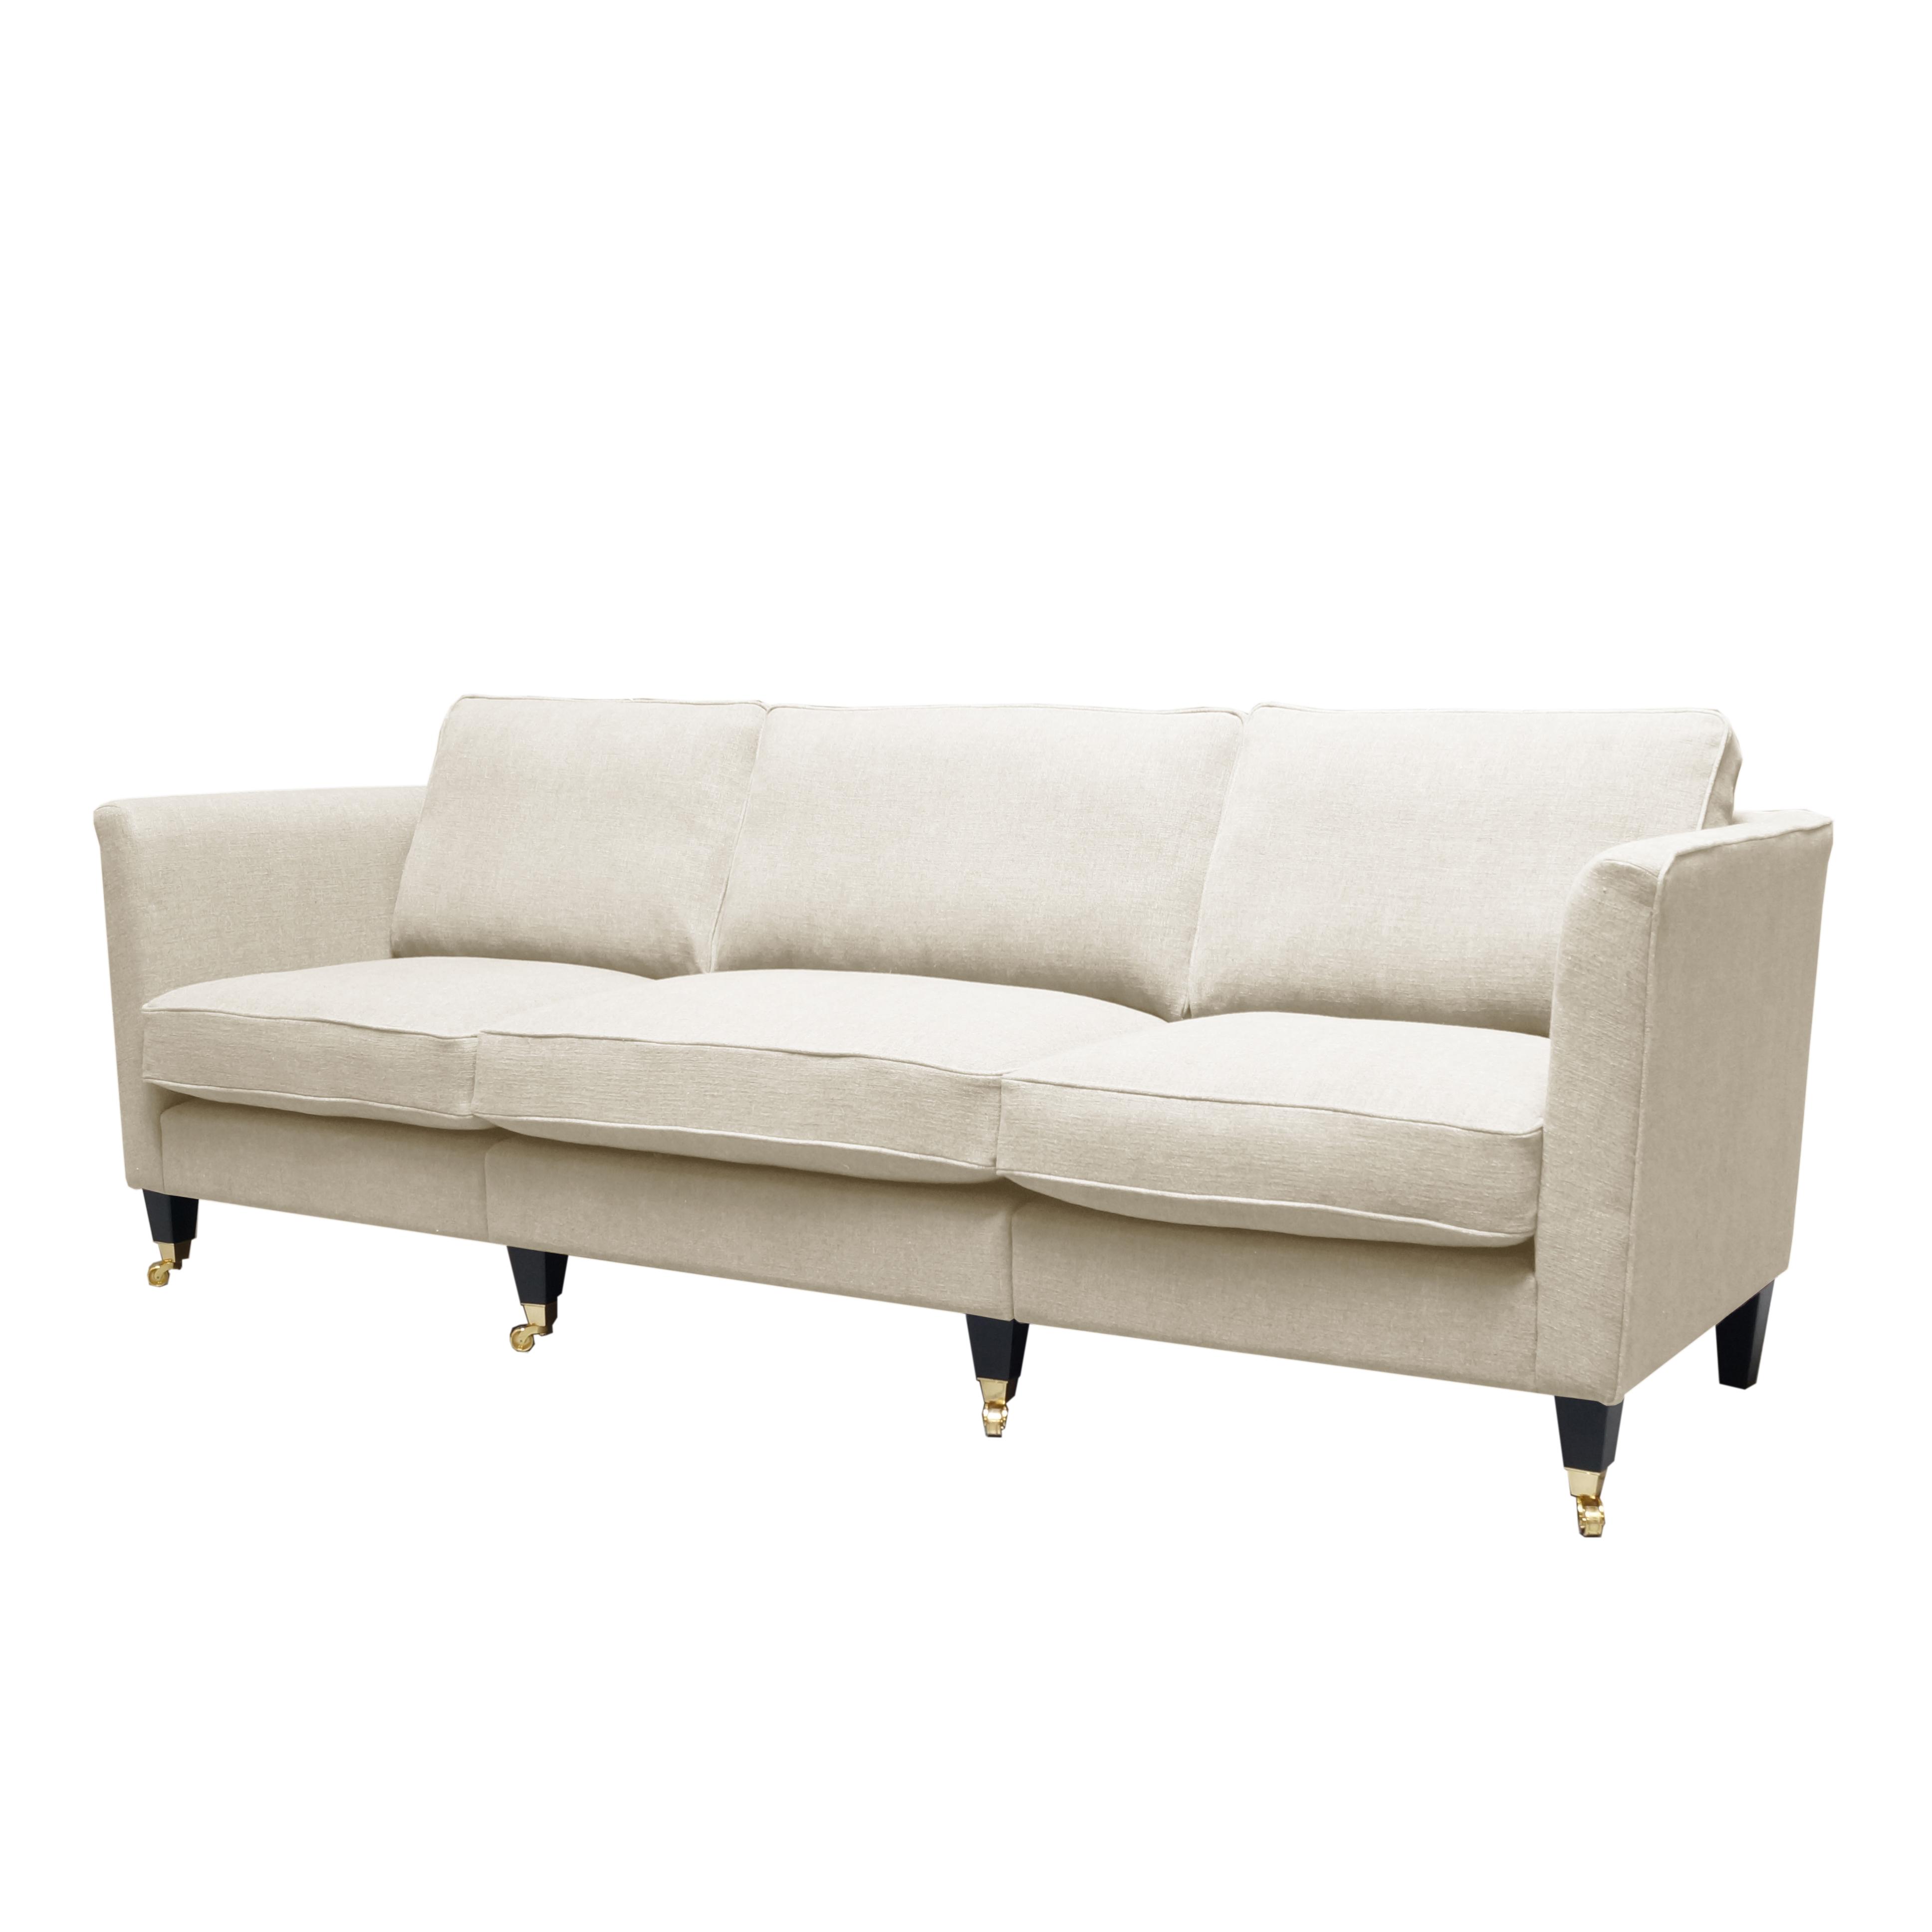 Carlton soffa 3,5-sits snett framifrån - englesson.se